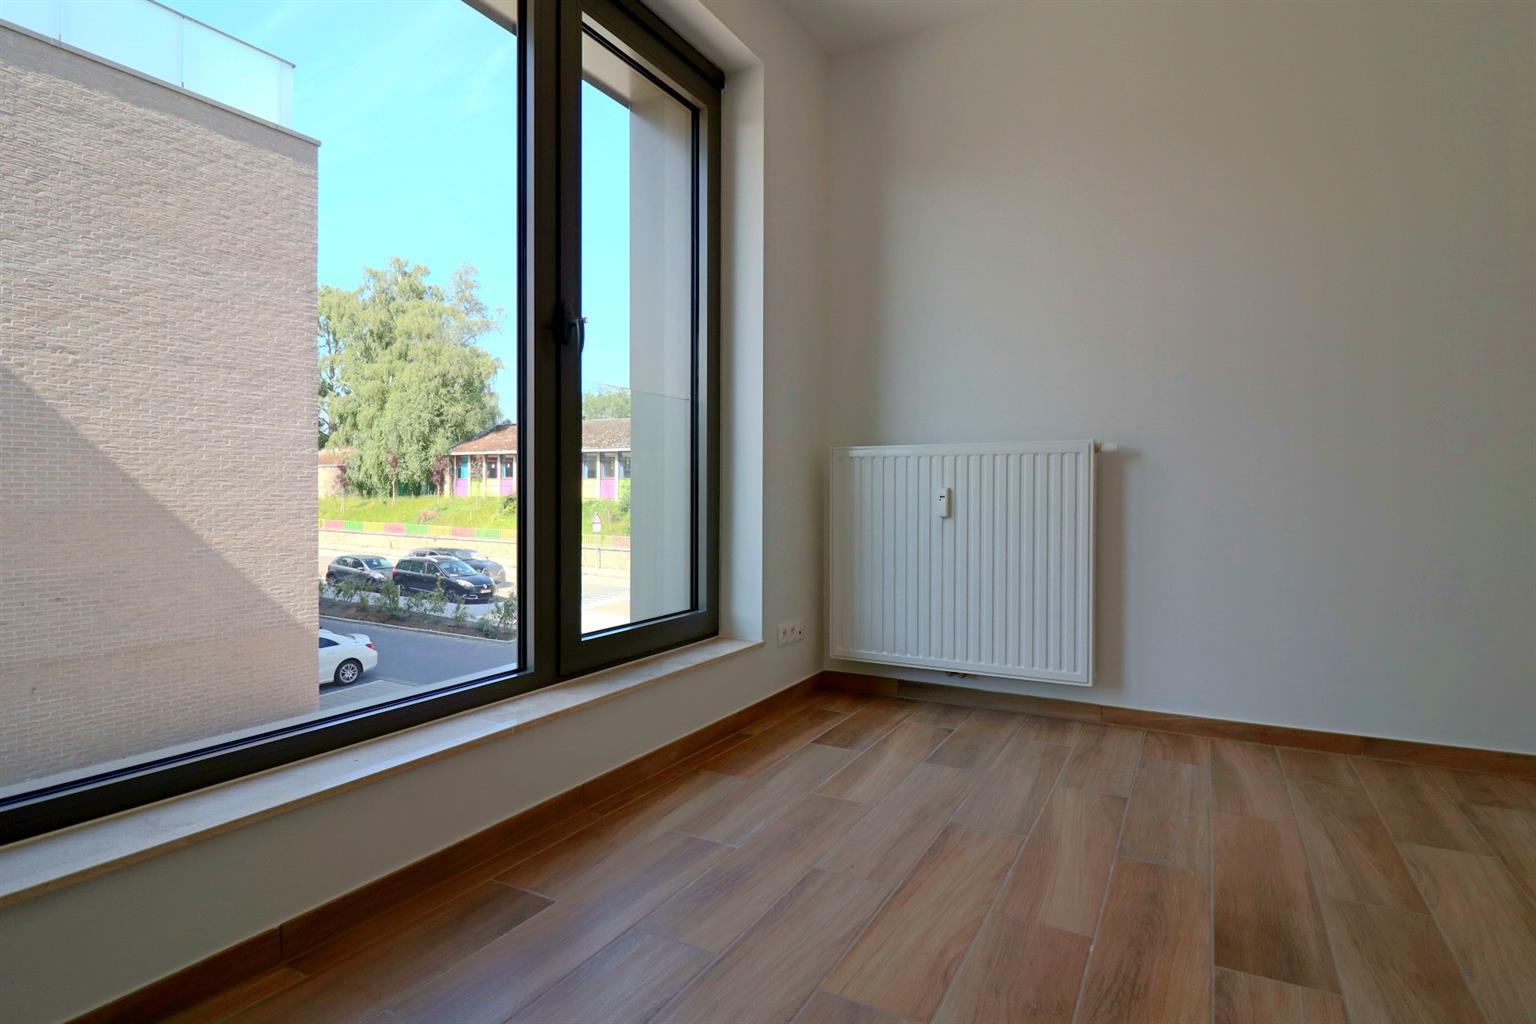 Appartement - Ottignies-Louvain-la-Neuve - #4406864-5